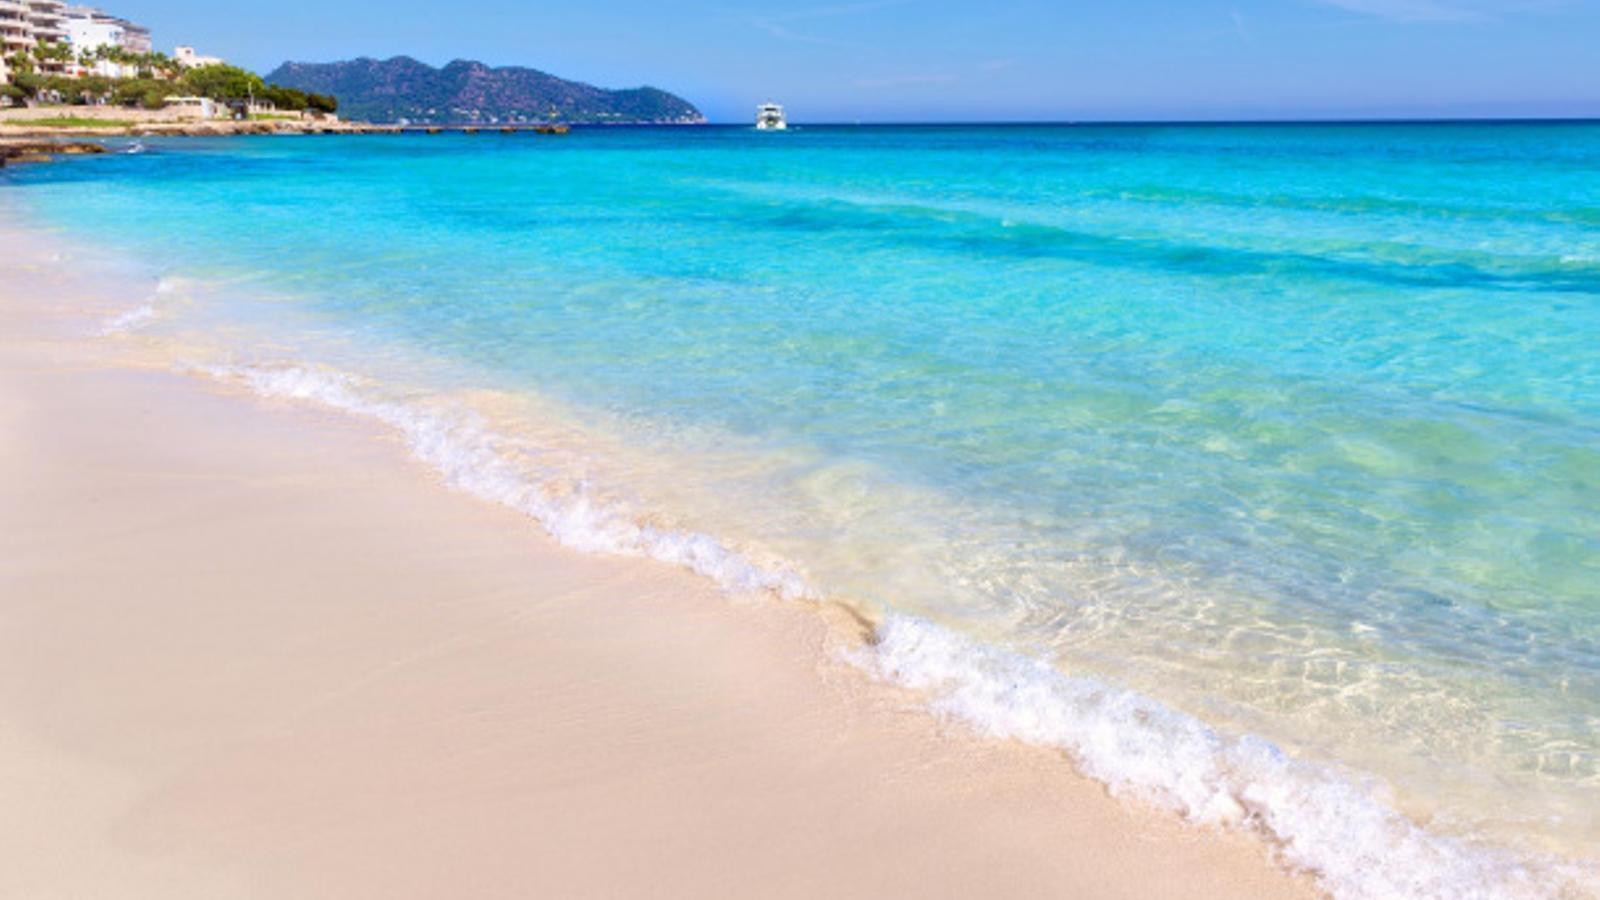 La platja de Cala Millor té un aspecte paradisíac aquest estiu.